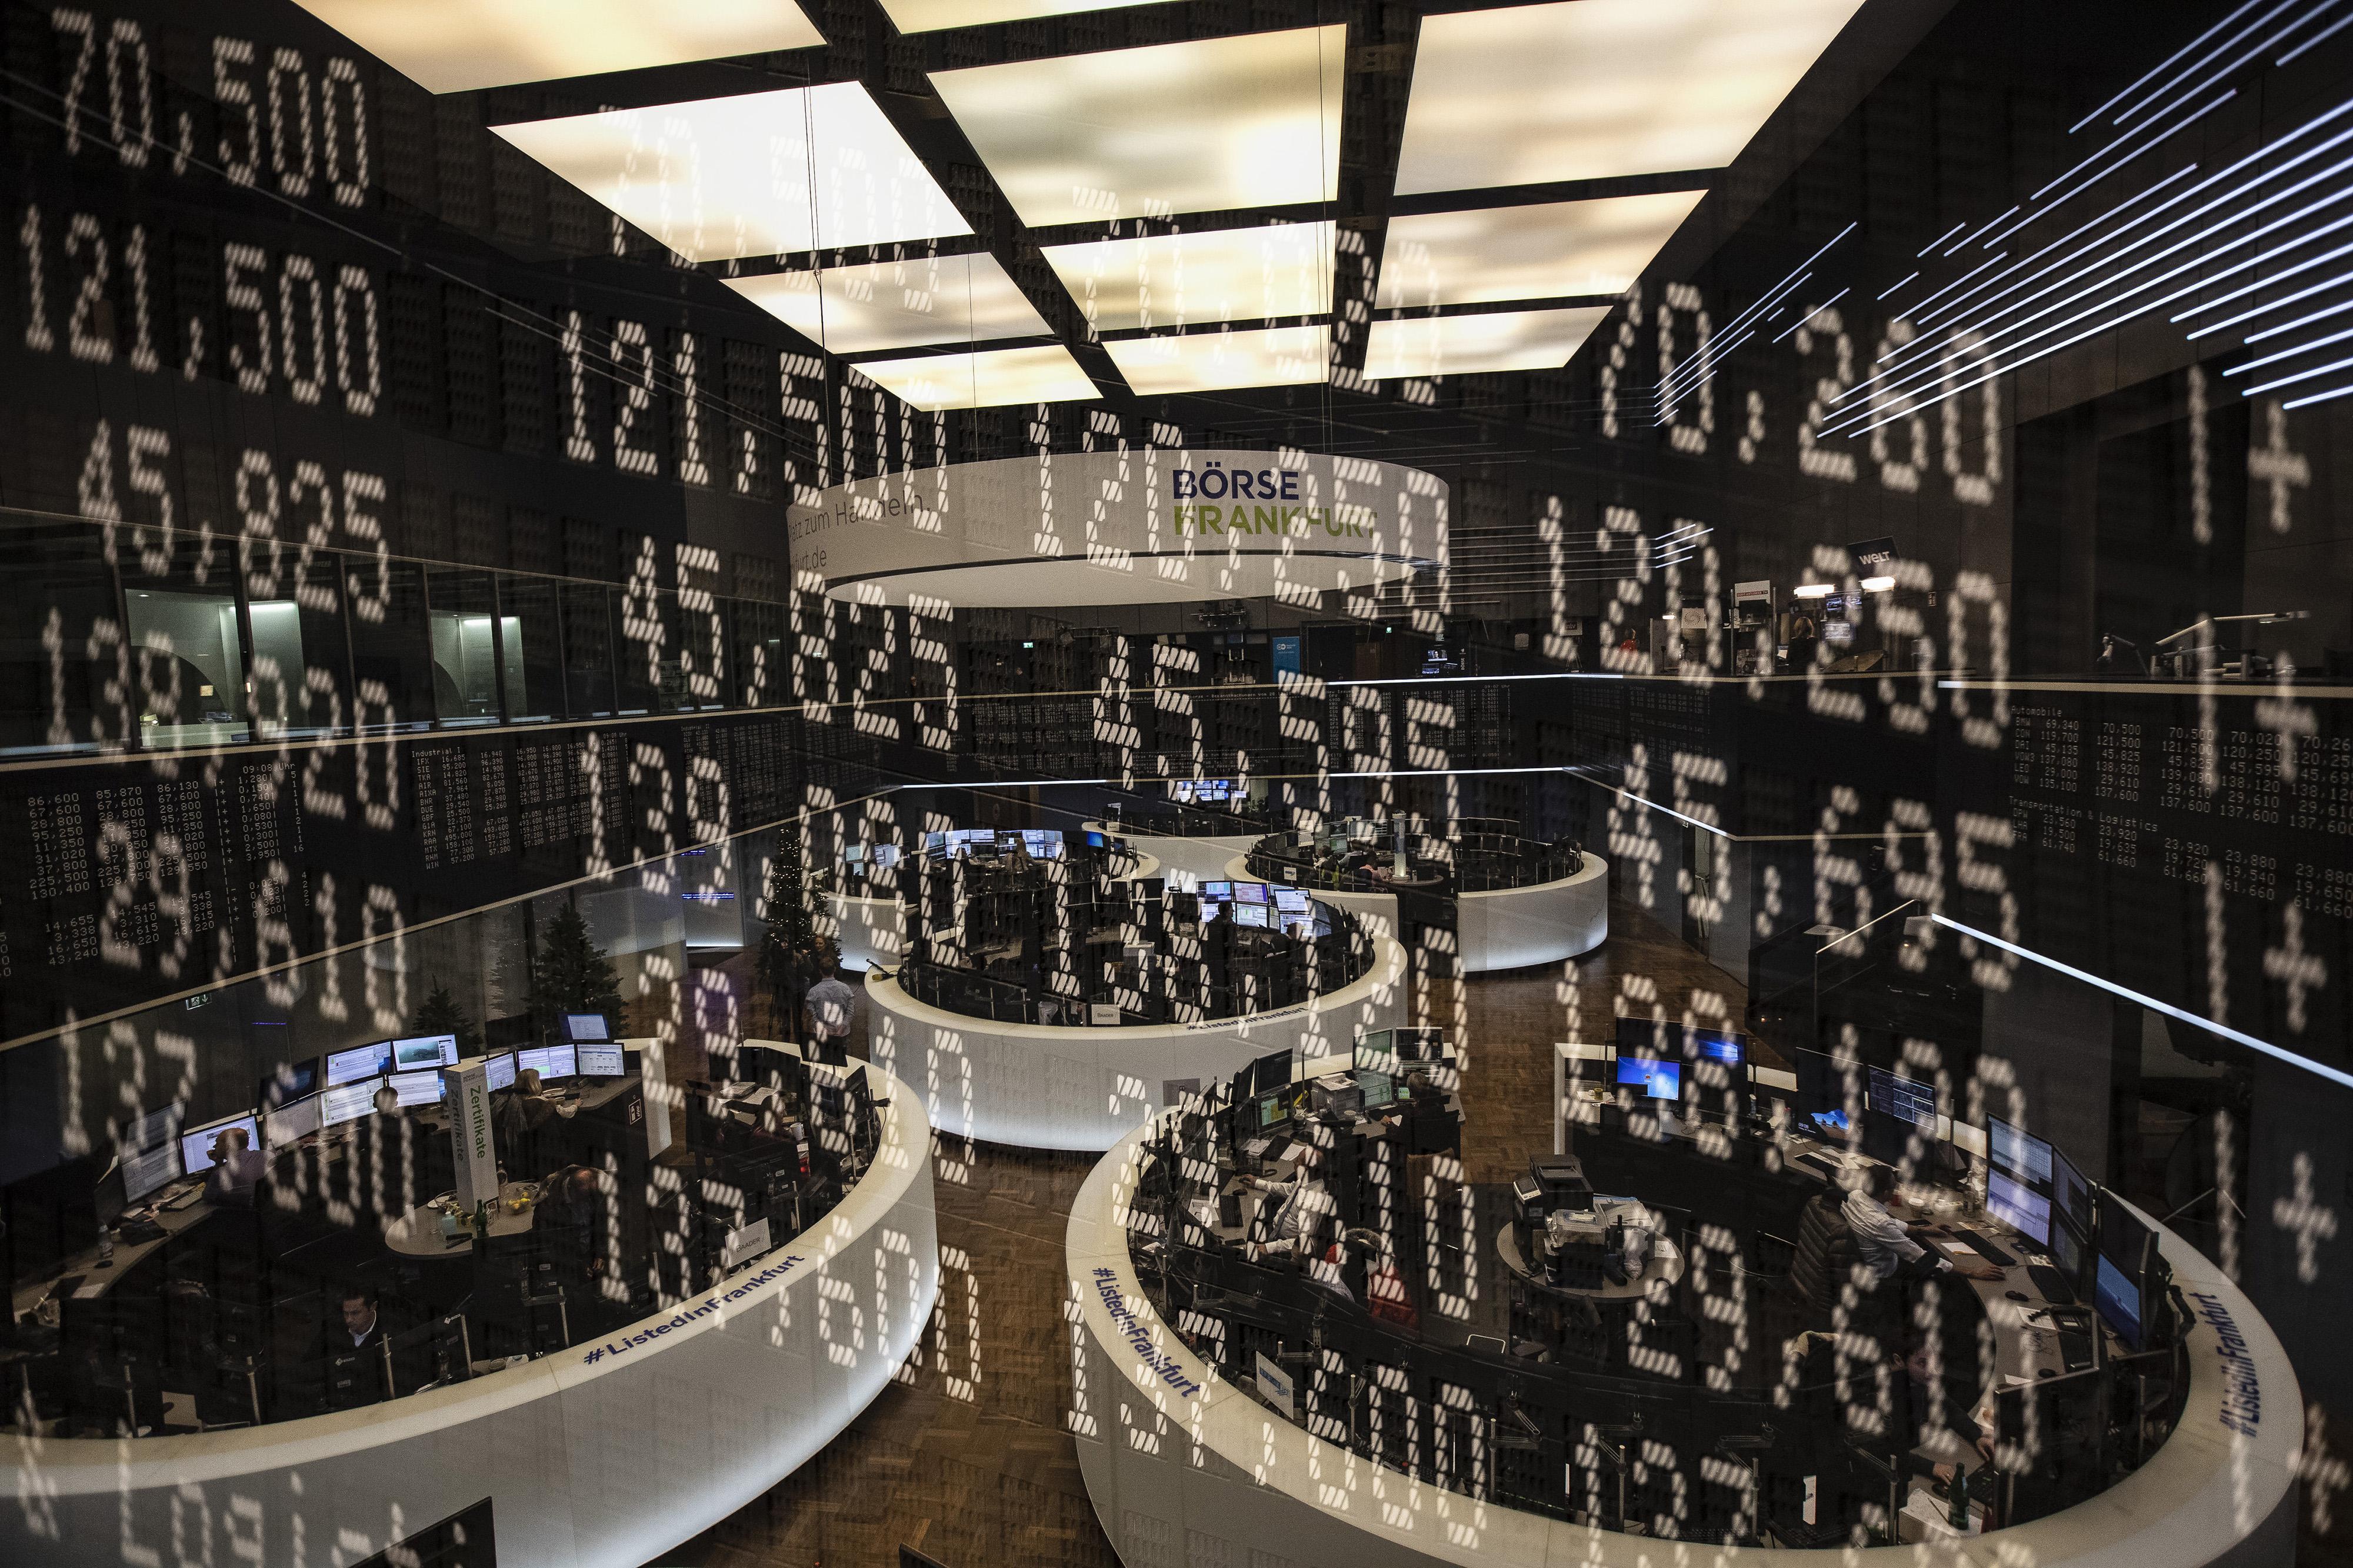 コム ドット 株価 フォース セールス